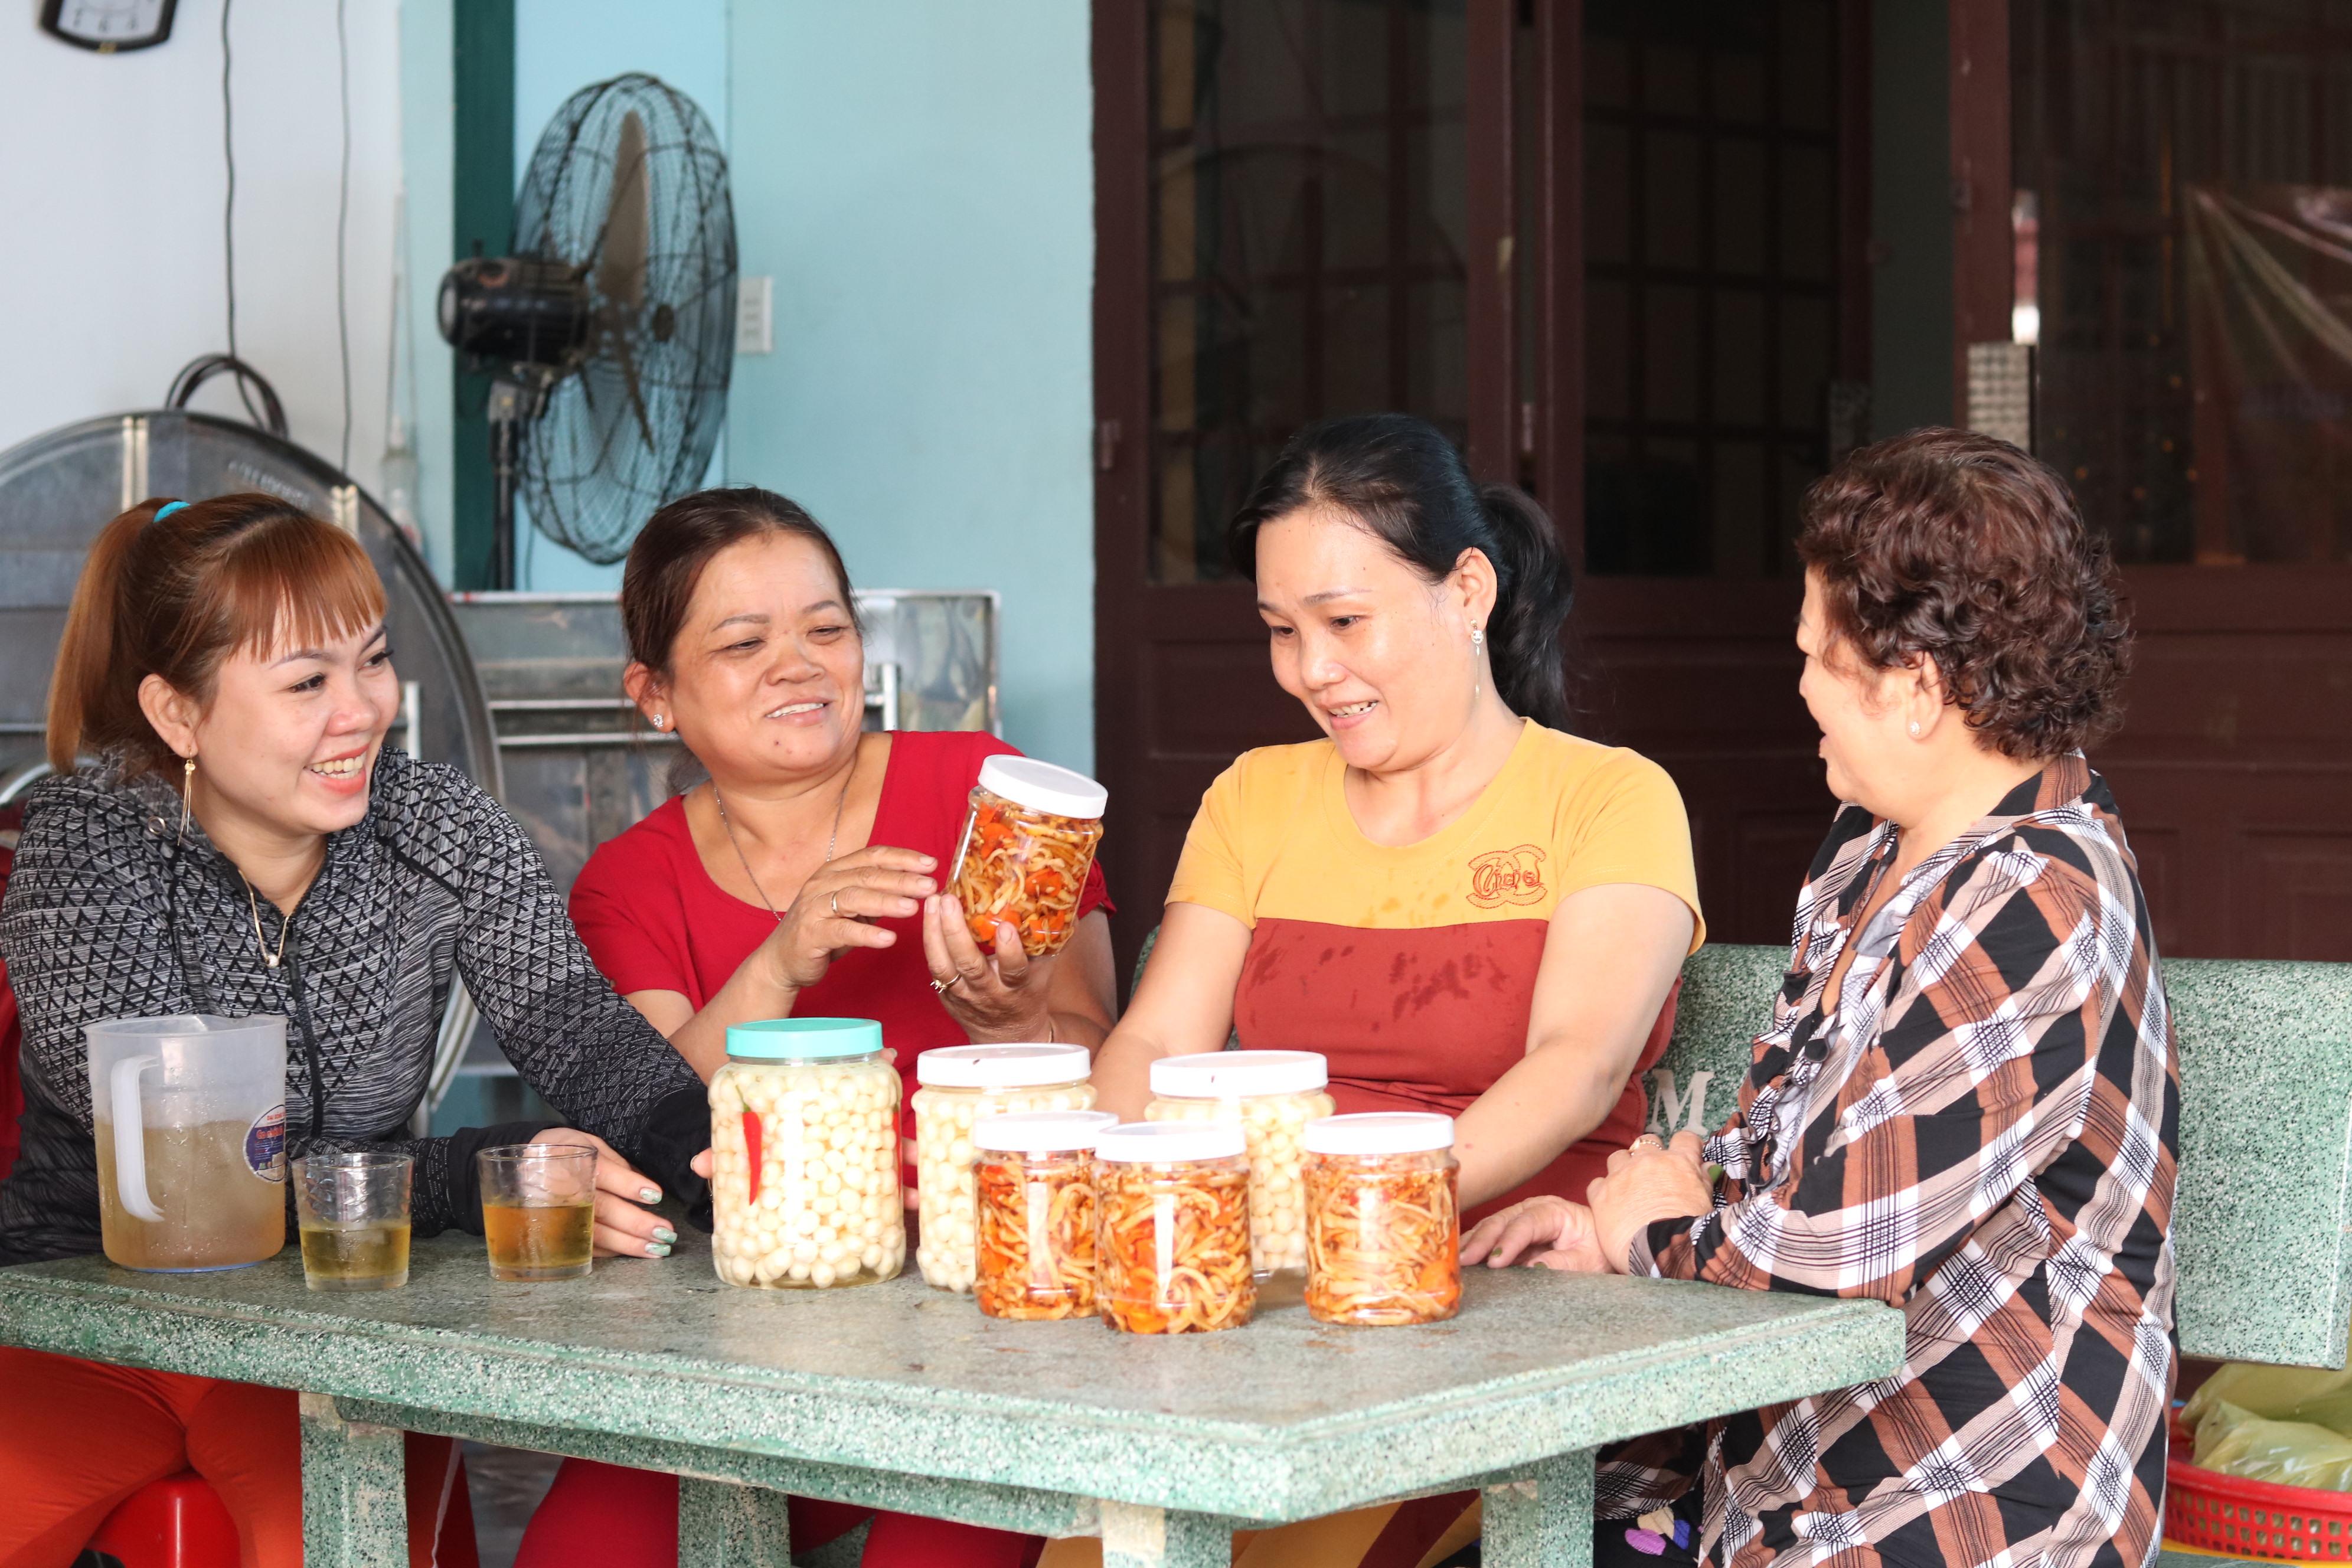 Bà Thúy hỏi thăm chuyện chuẩn bị quà bánh về quê và tặng những món ăn ngày Tết do chính tay mình làm cho chị em công nhân.